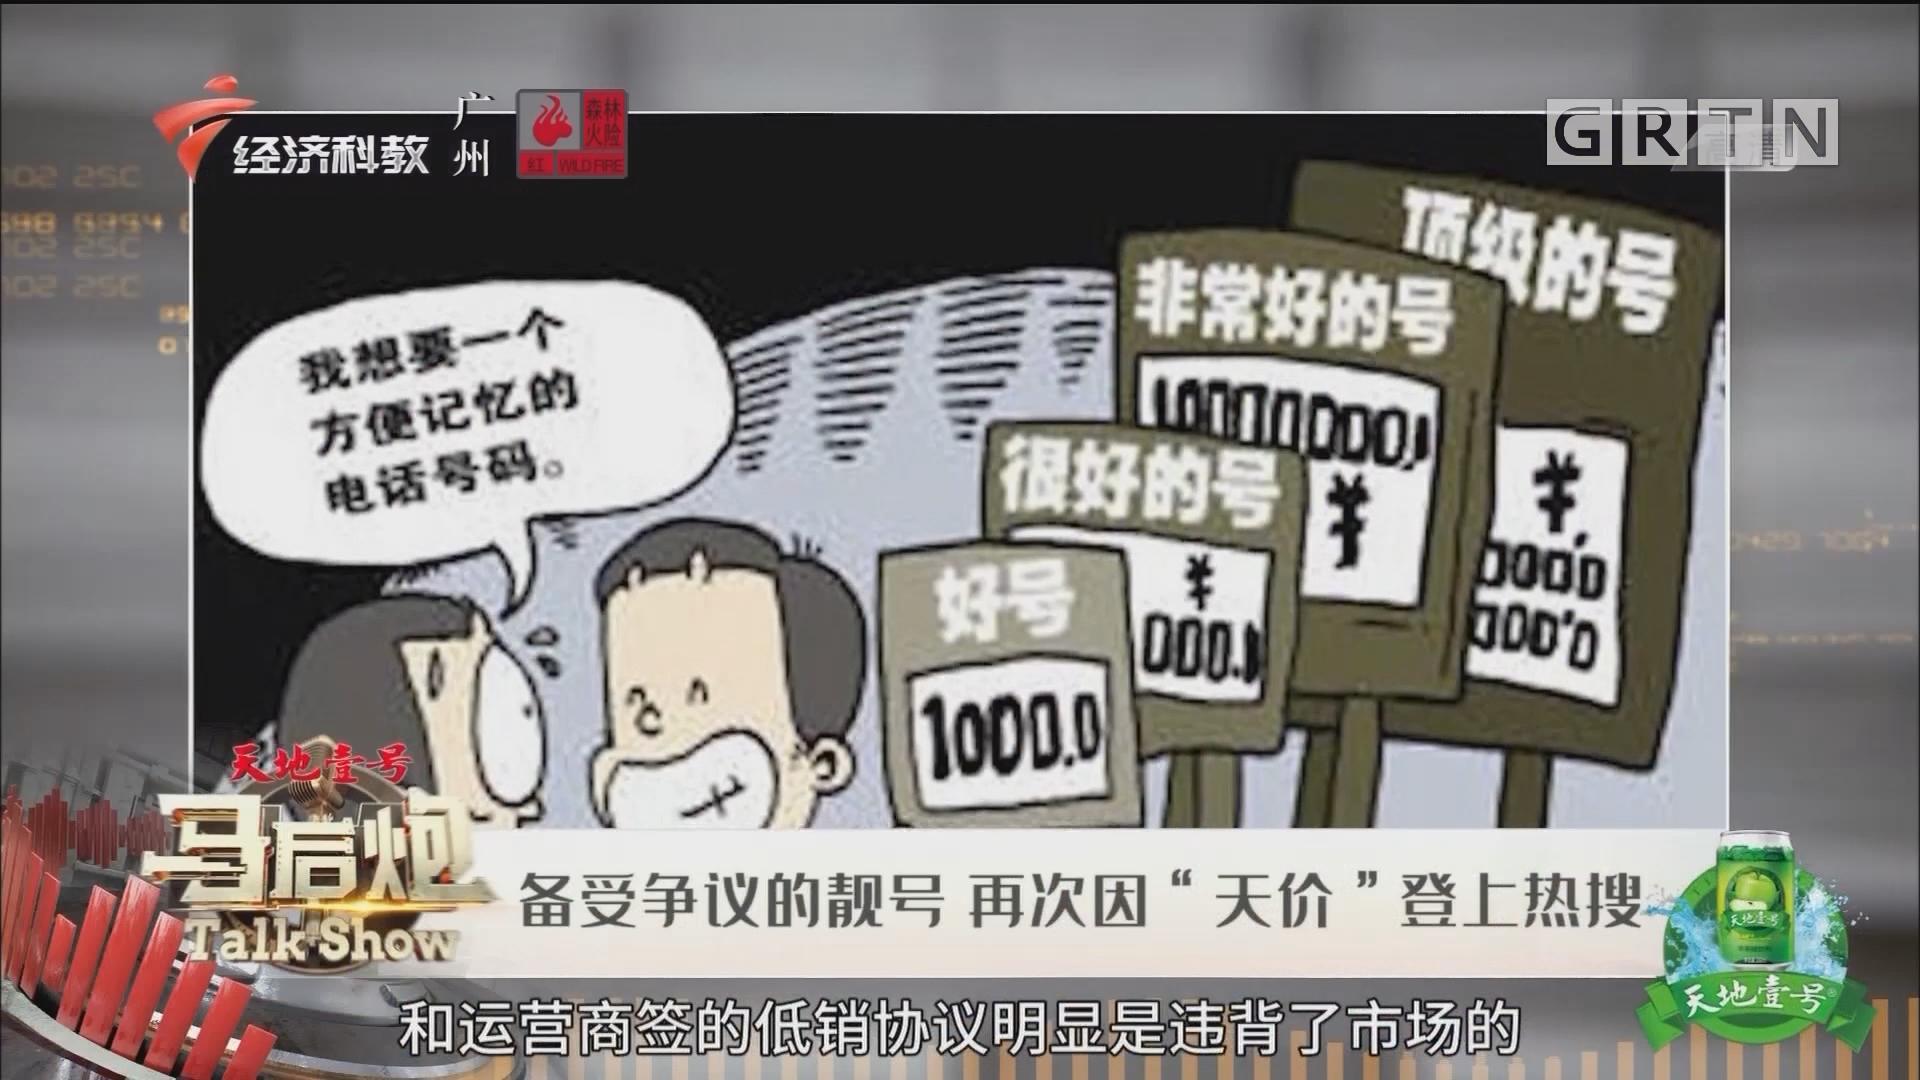 """[HD][2020-01-09]马后炮:备受争议的靓号 再次因""""天价""""登上热搜"""